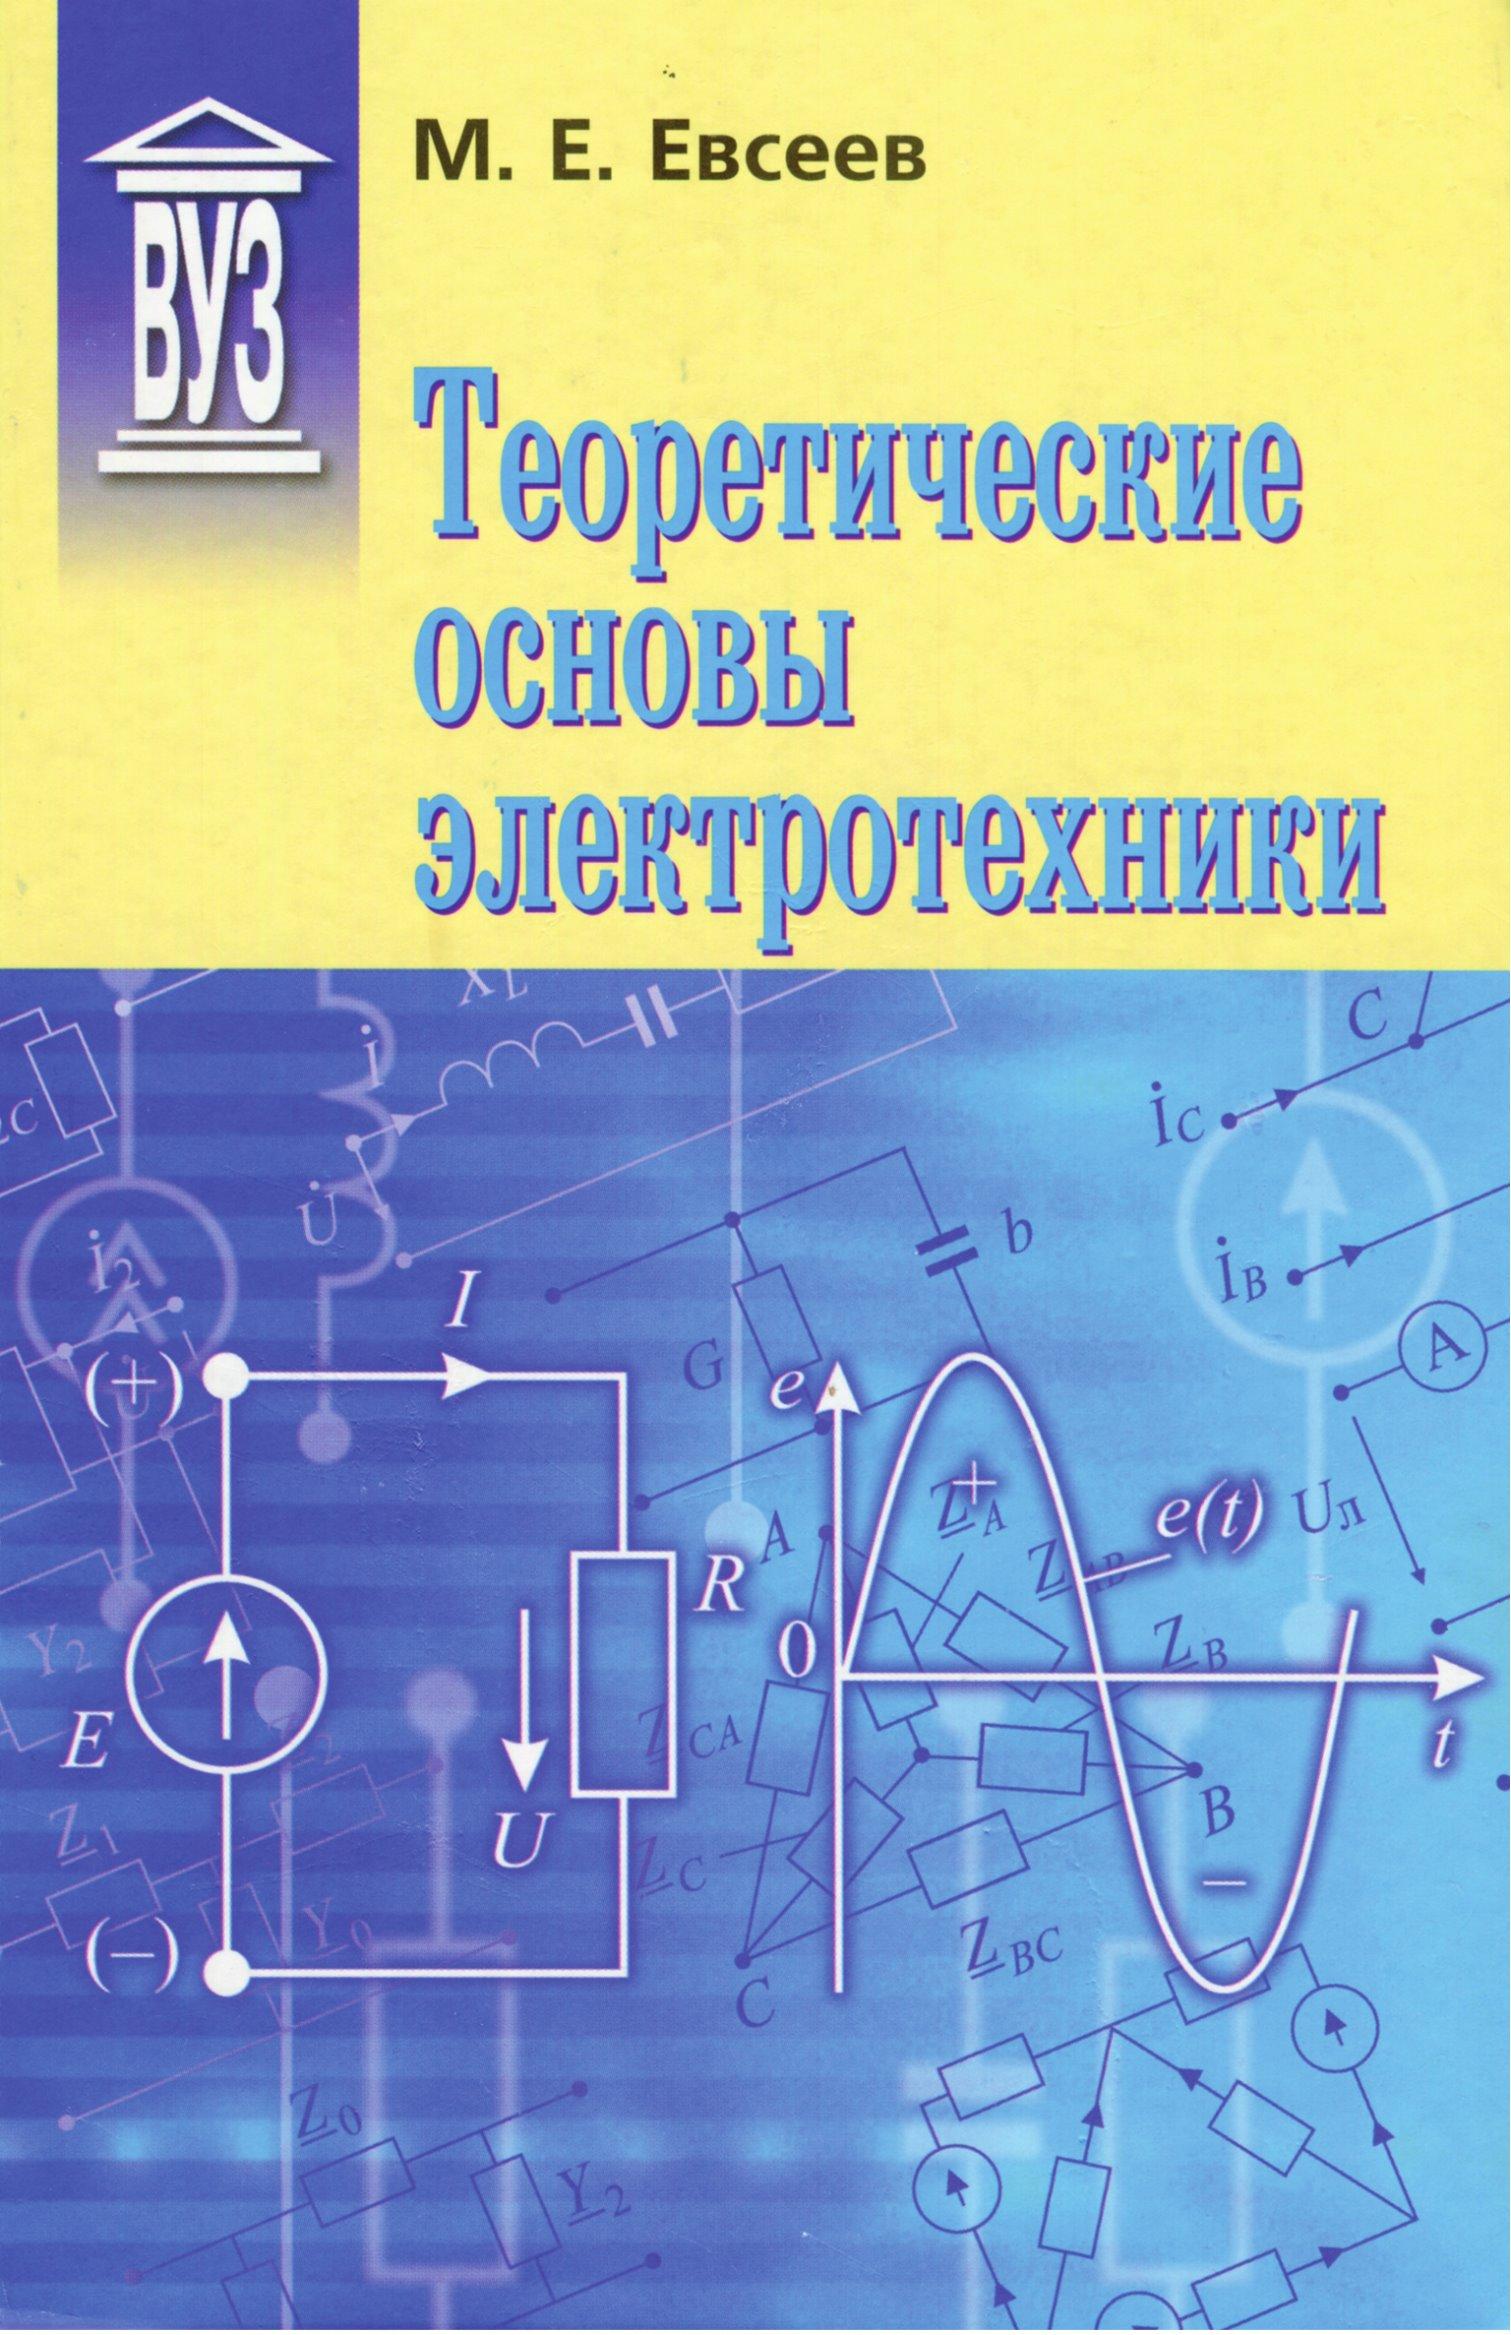 М. Е. Евсеев Теоретические основы электротехники евсеев м теоретические основы электротехники